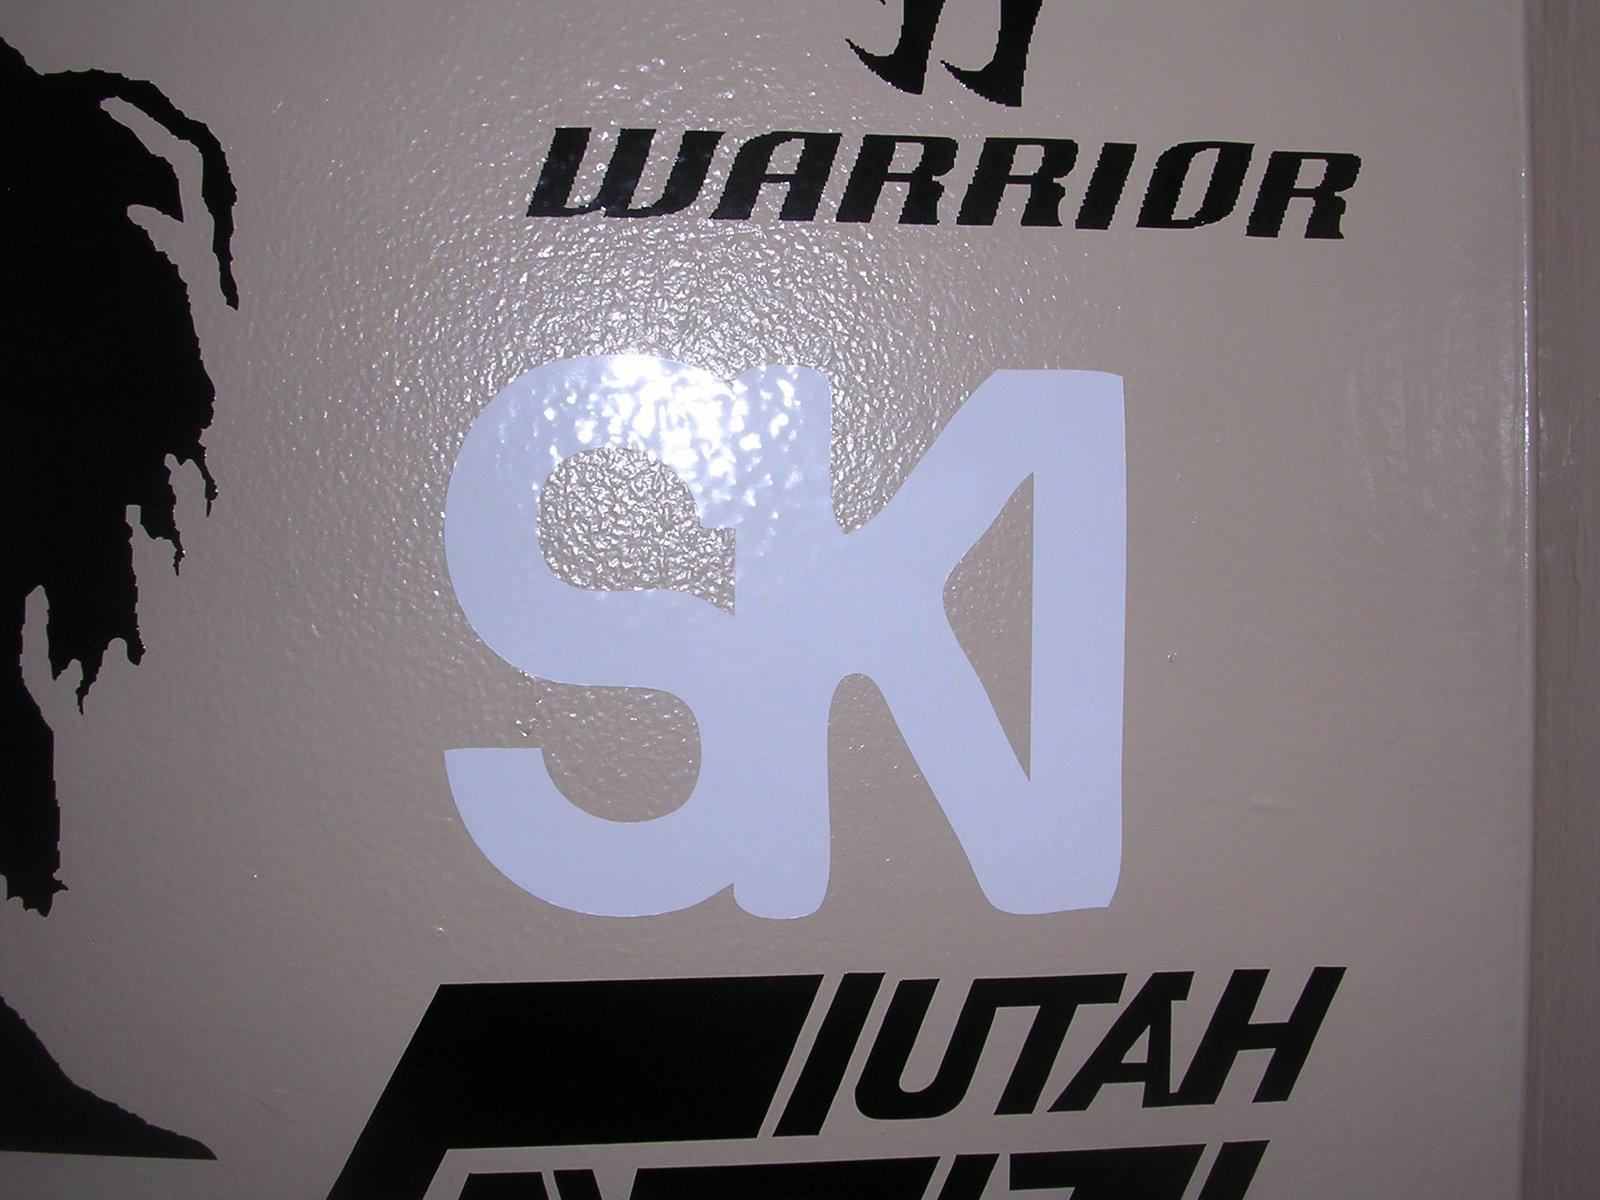 Ski sticker i have made